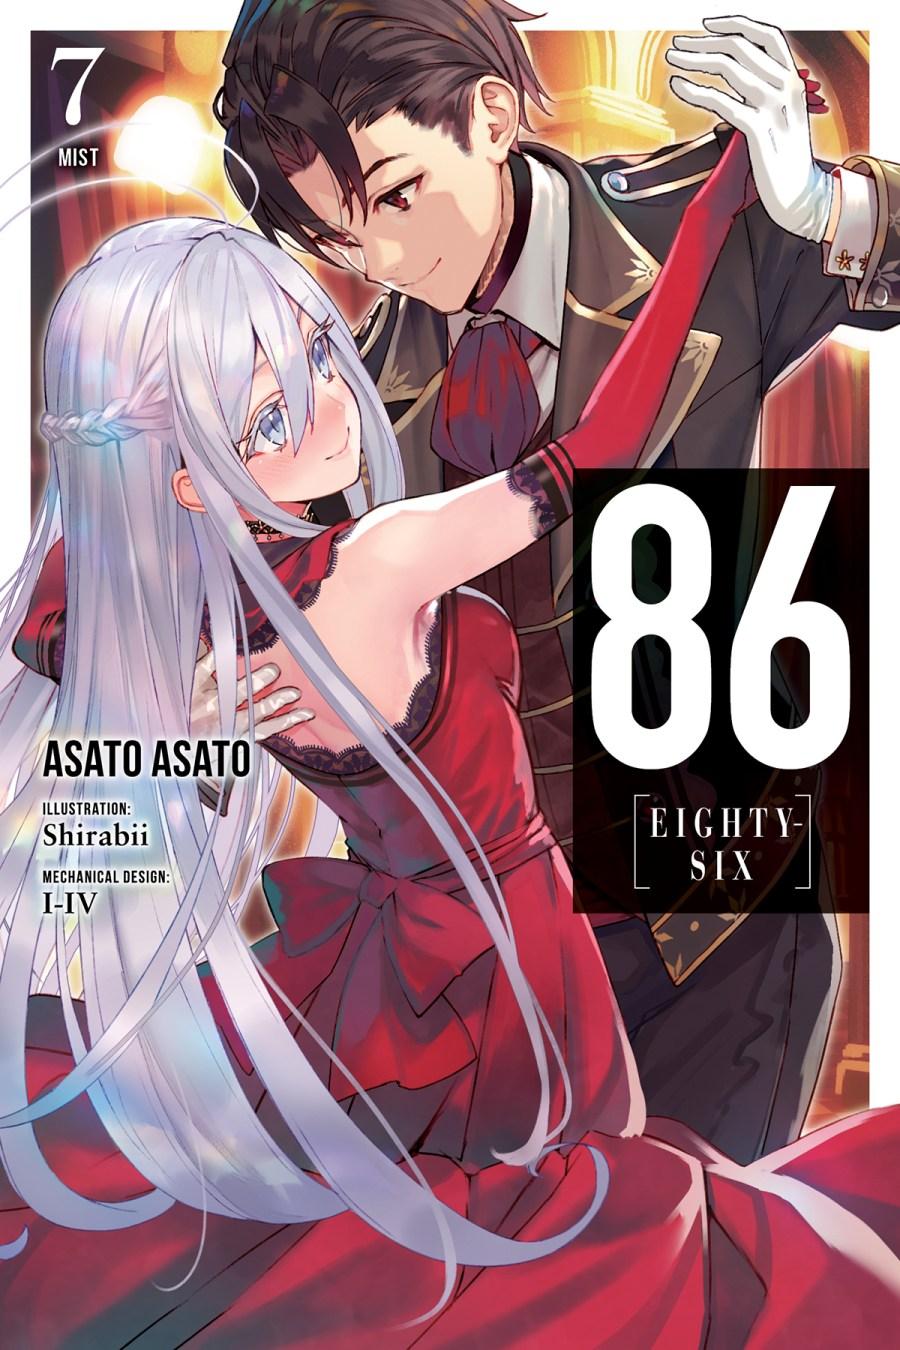 86 -Eighty-Six-Volume7